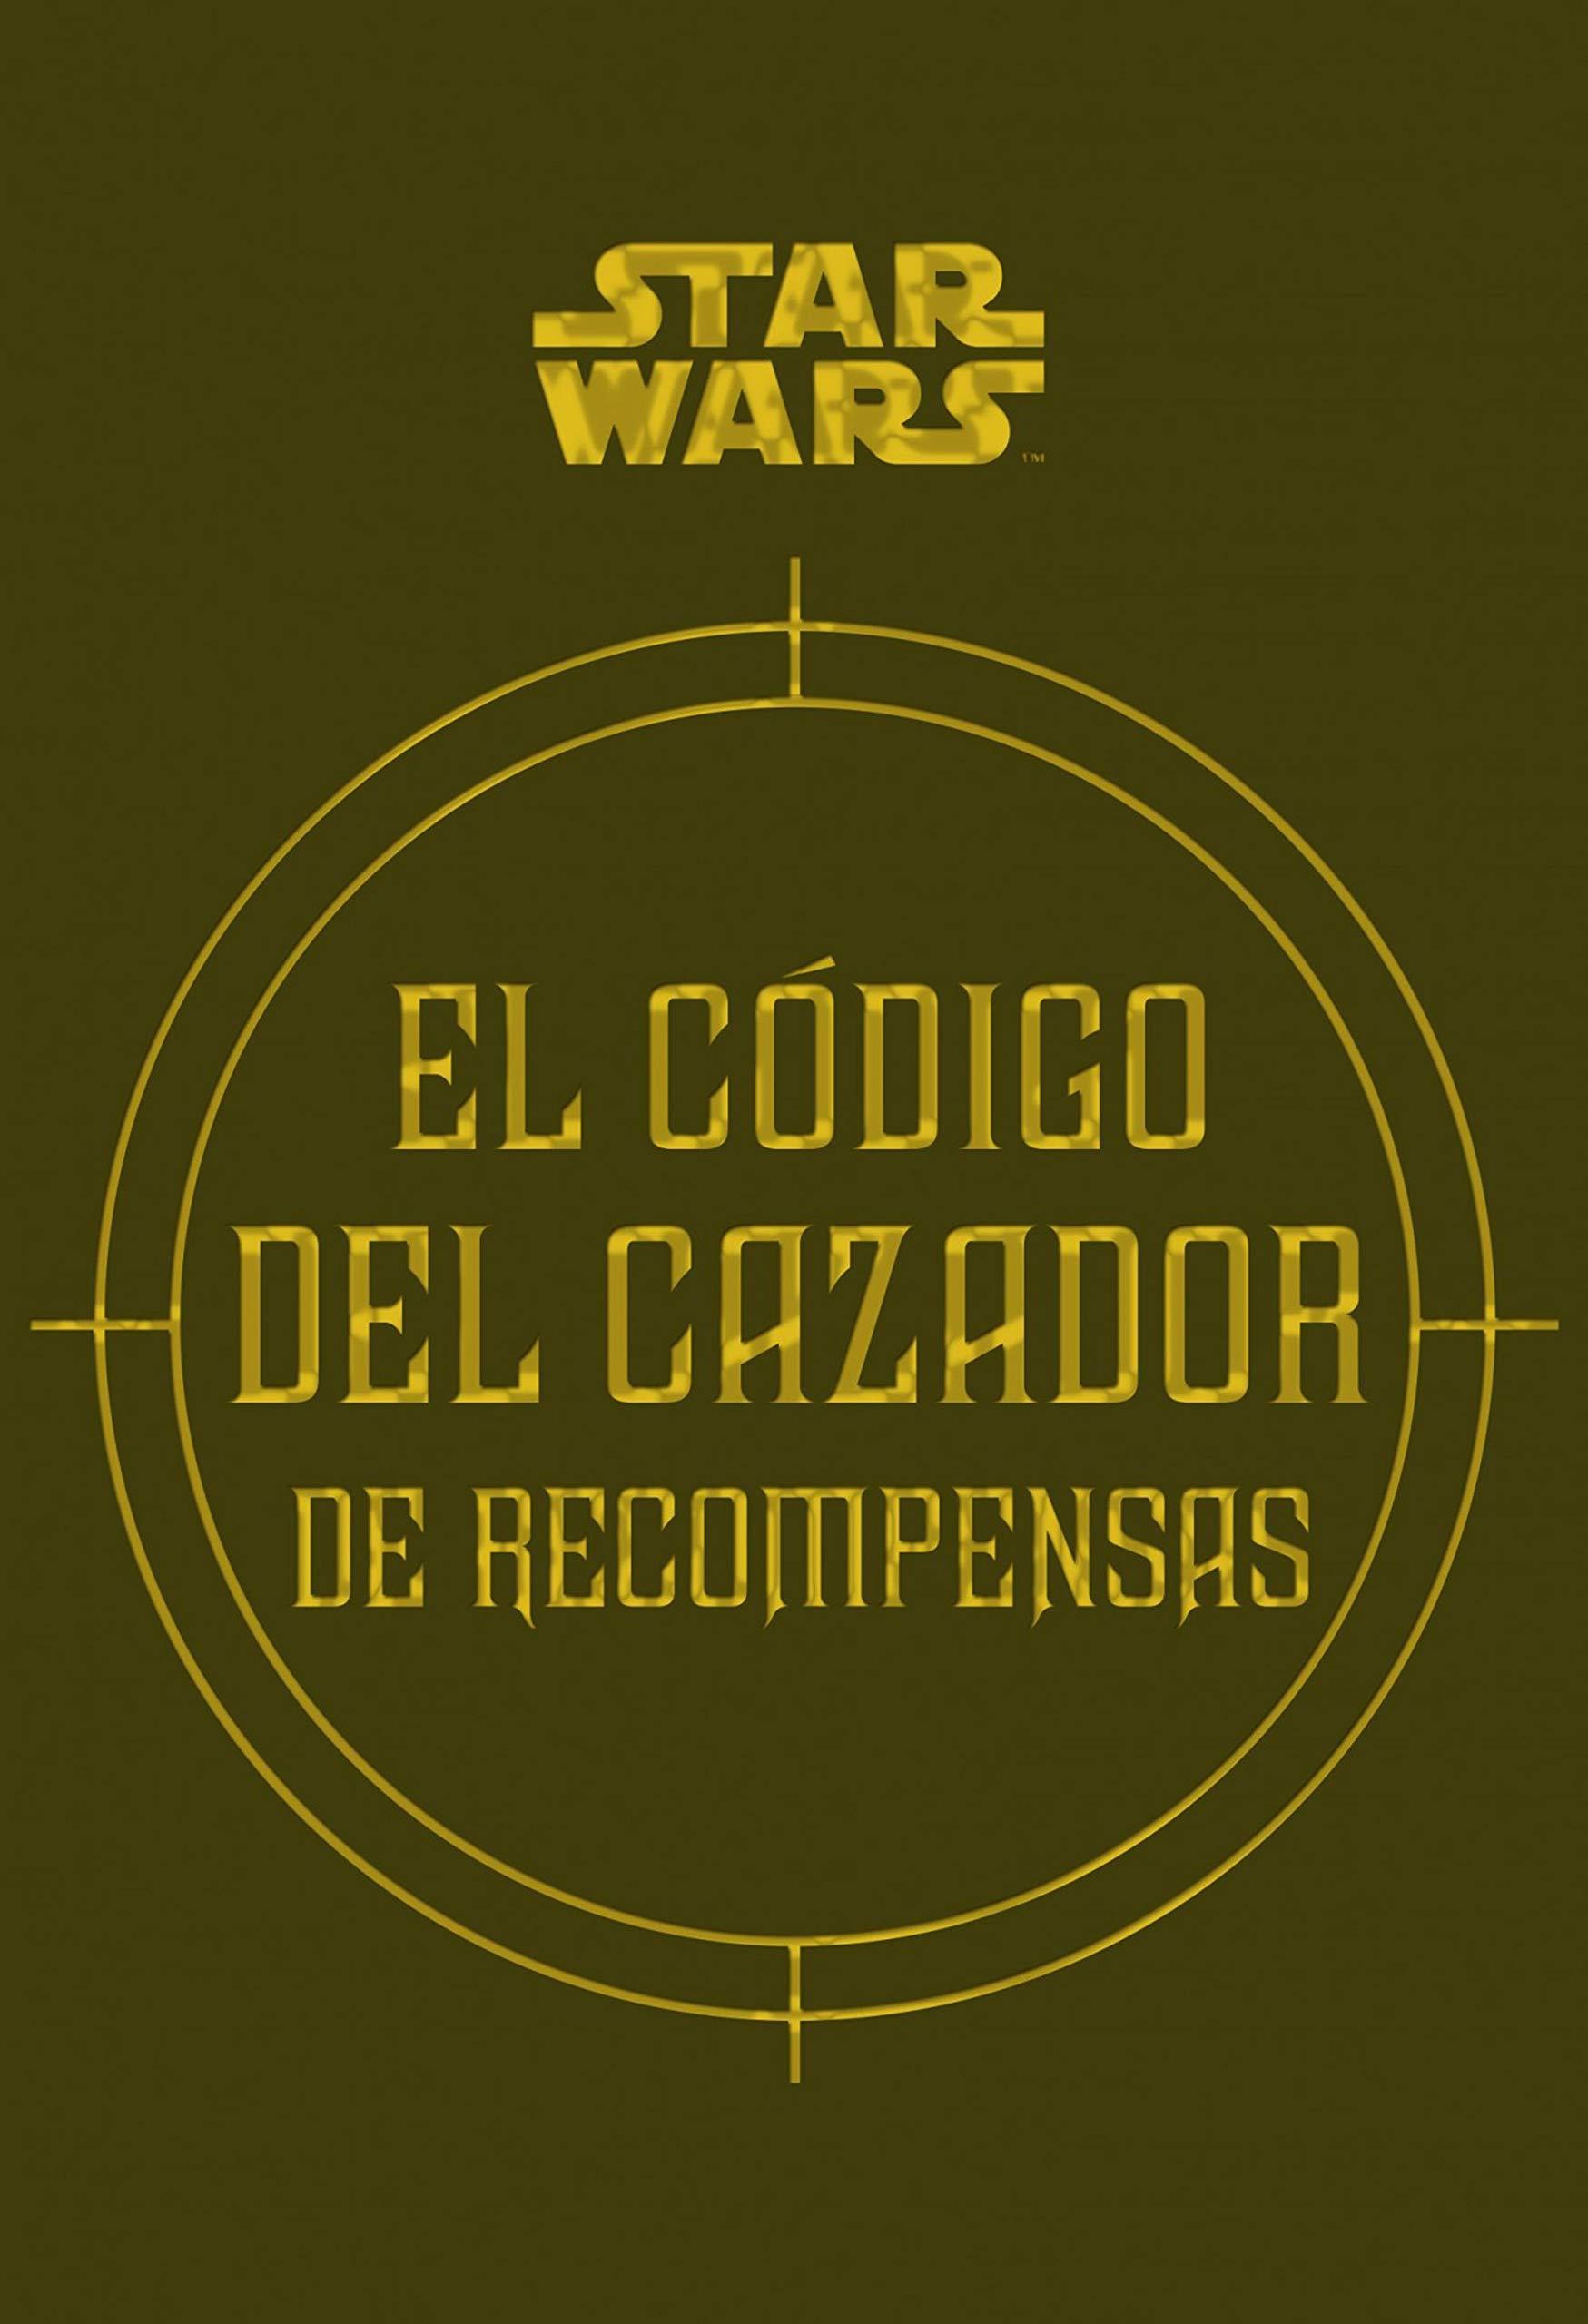 Star Wars El código del cazador de recompensas Star Wars Ilustrados: Amazon.es: Wallace, Daniel, Windham, Ryder, Fry, Jason, Traducciones Imposibles S. L.: Libros